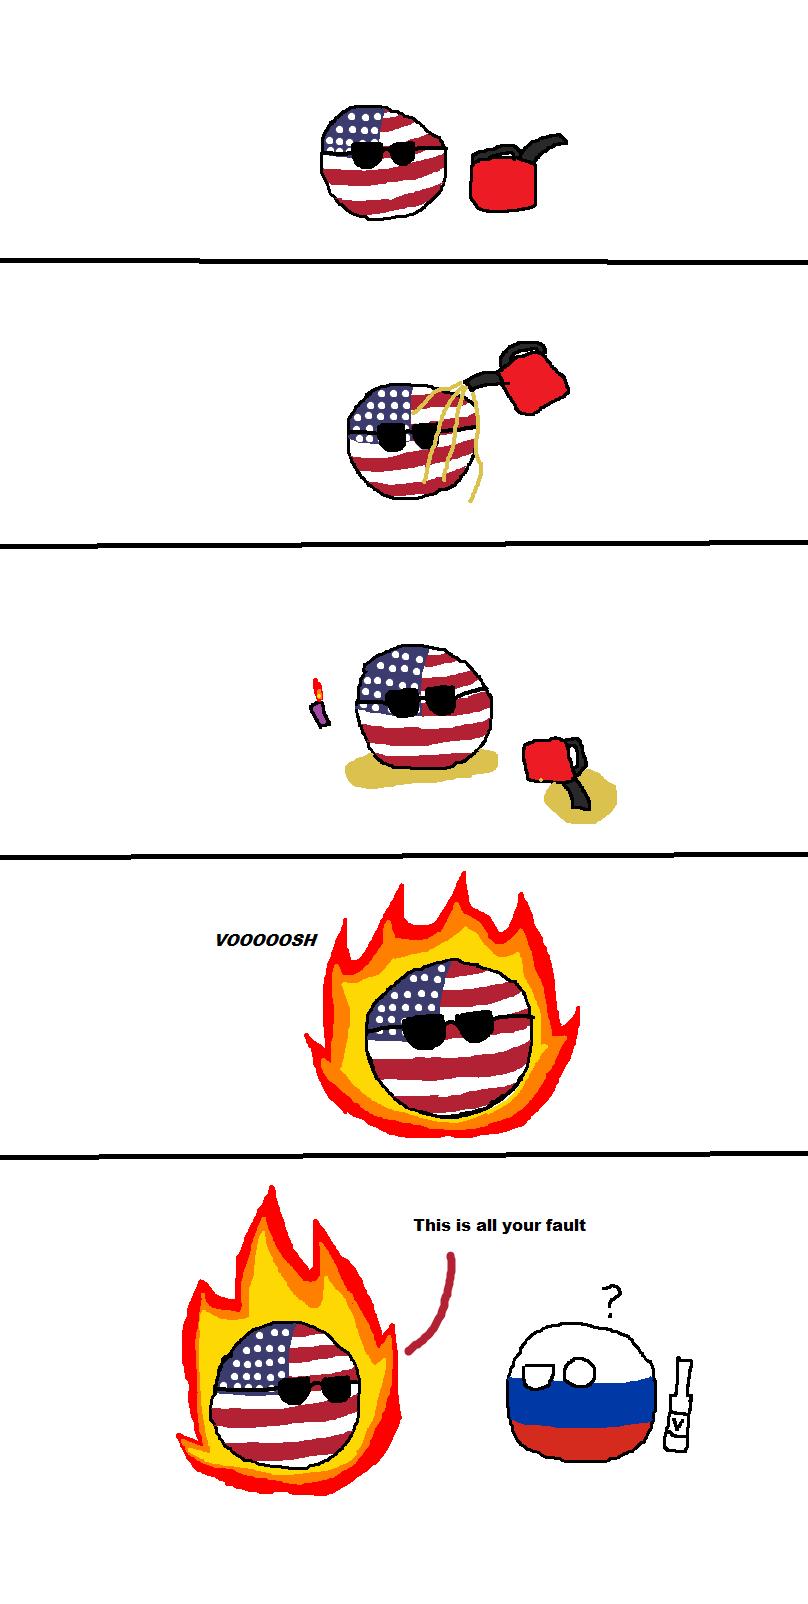 Polandball is of Reddit: How r/polandball Transcends Memes